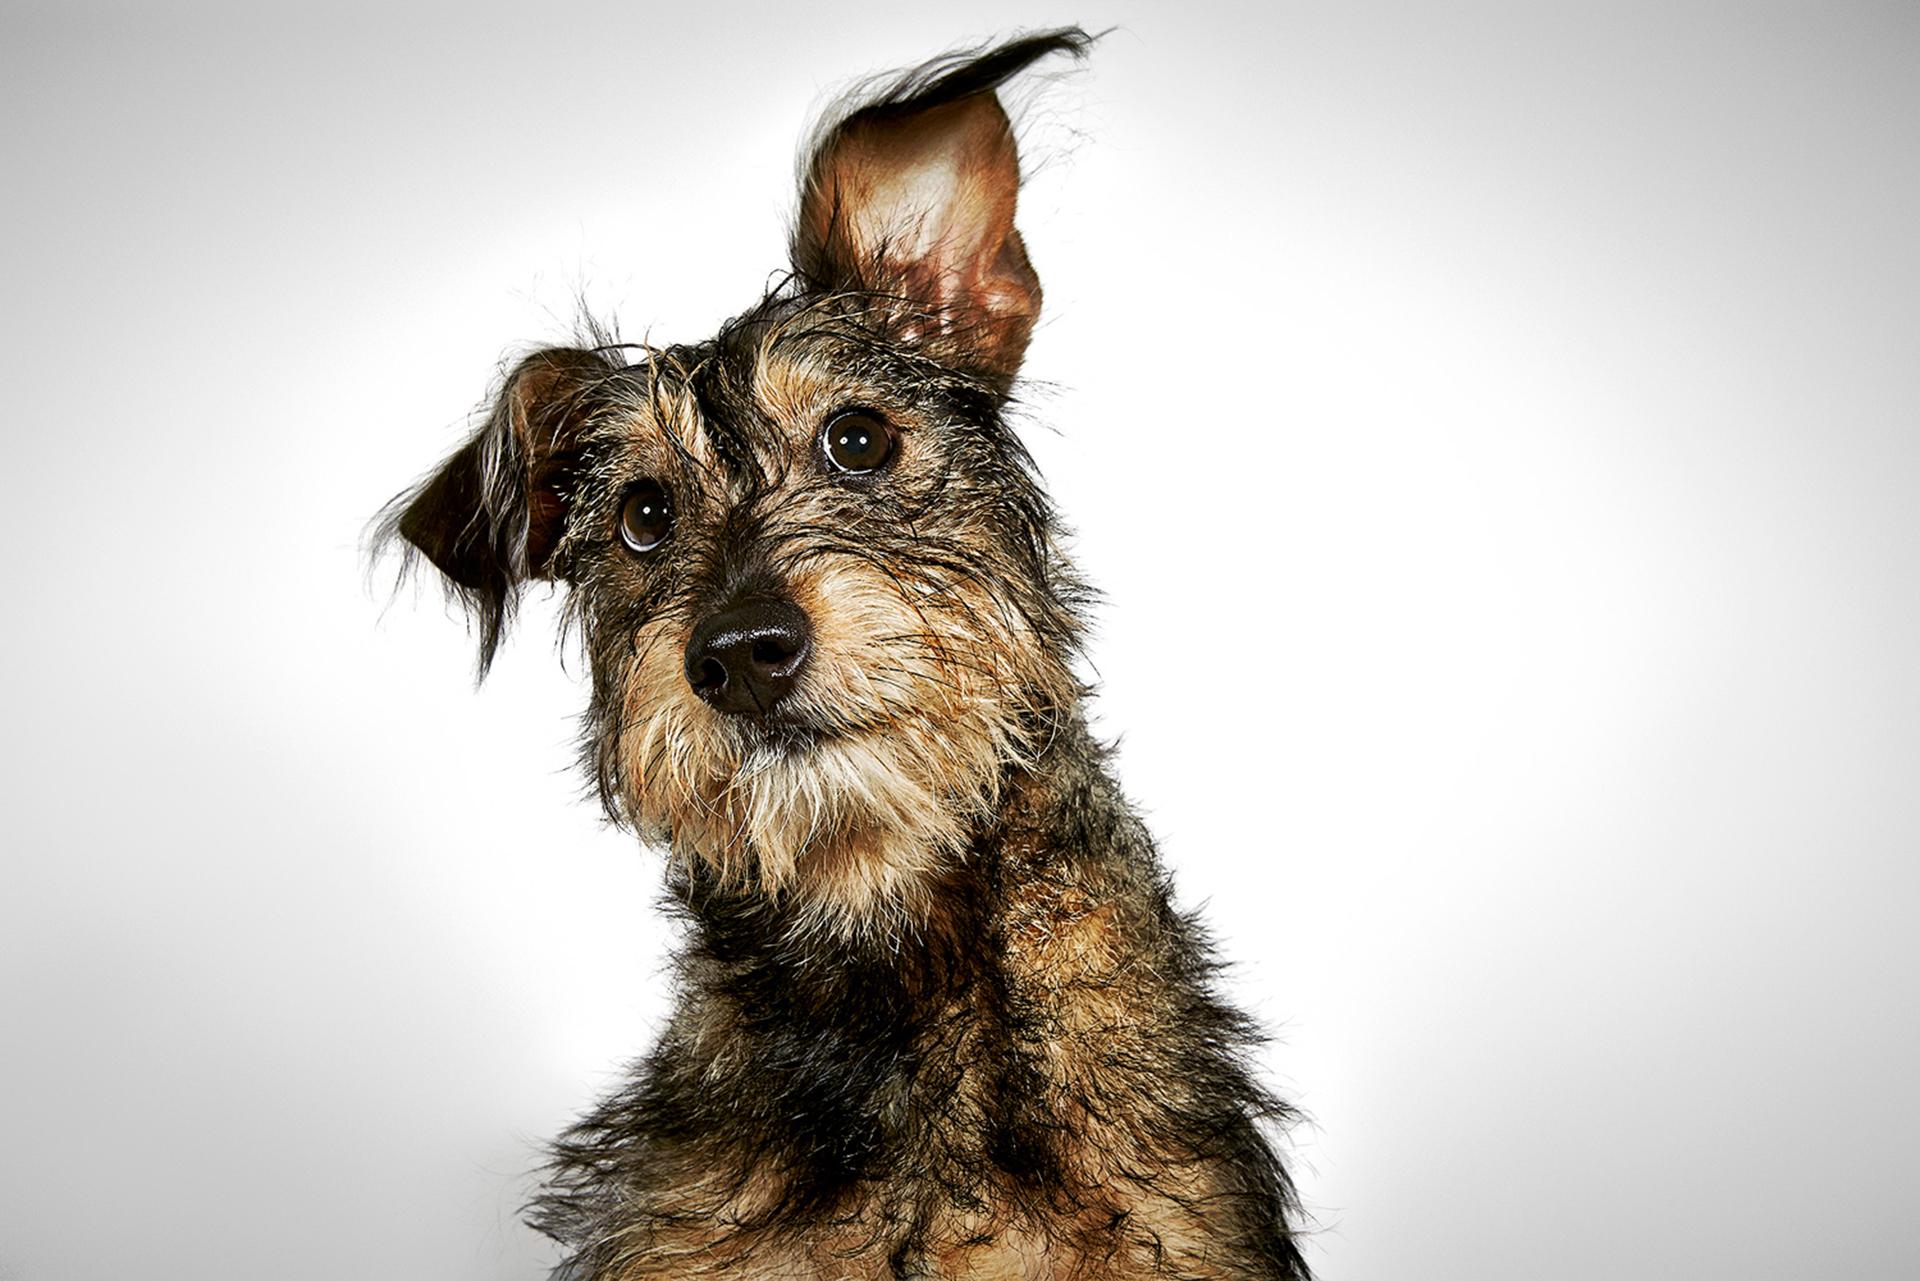 Davey fue encontrado corriendo en el Bronx sin collar y sin correa, es una bola de energía en la manada de perros, es un acróbata, se zambulle y se zambulle, corre entre las piernas de los perros y salta sobre ellos